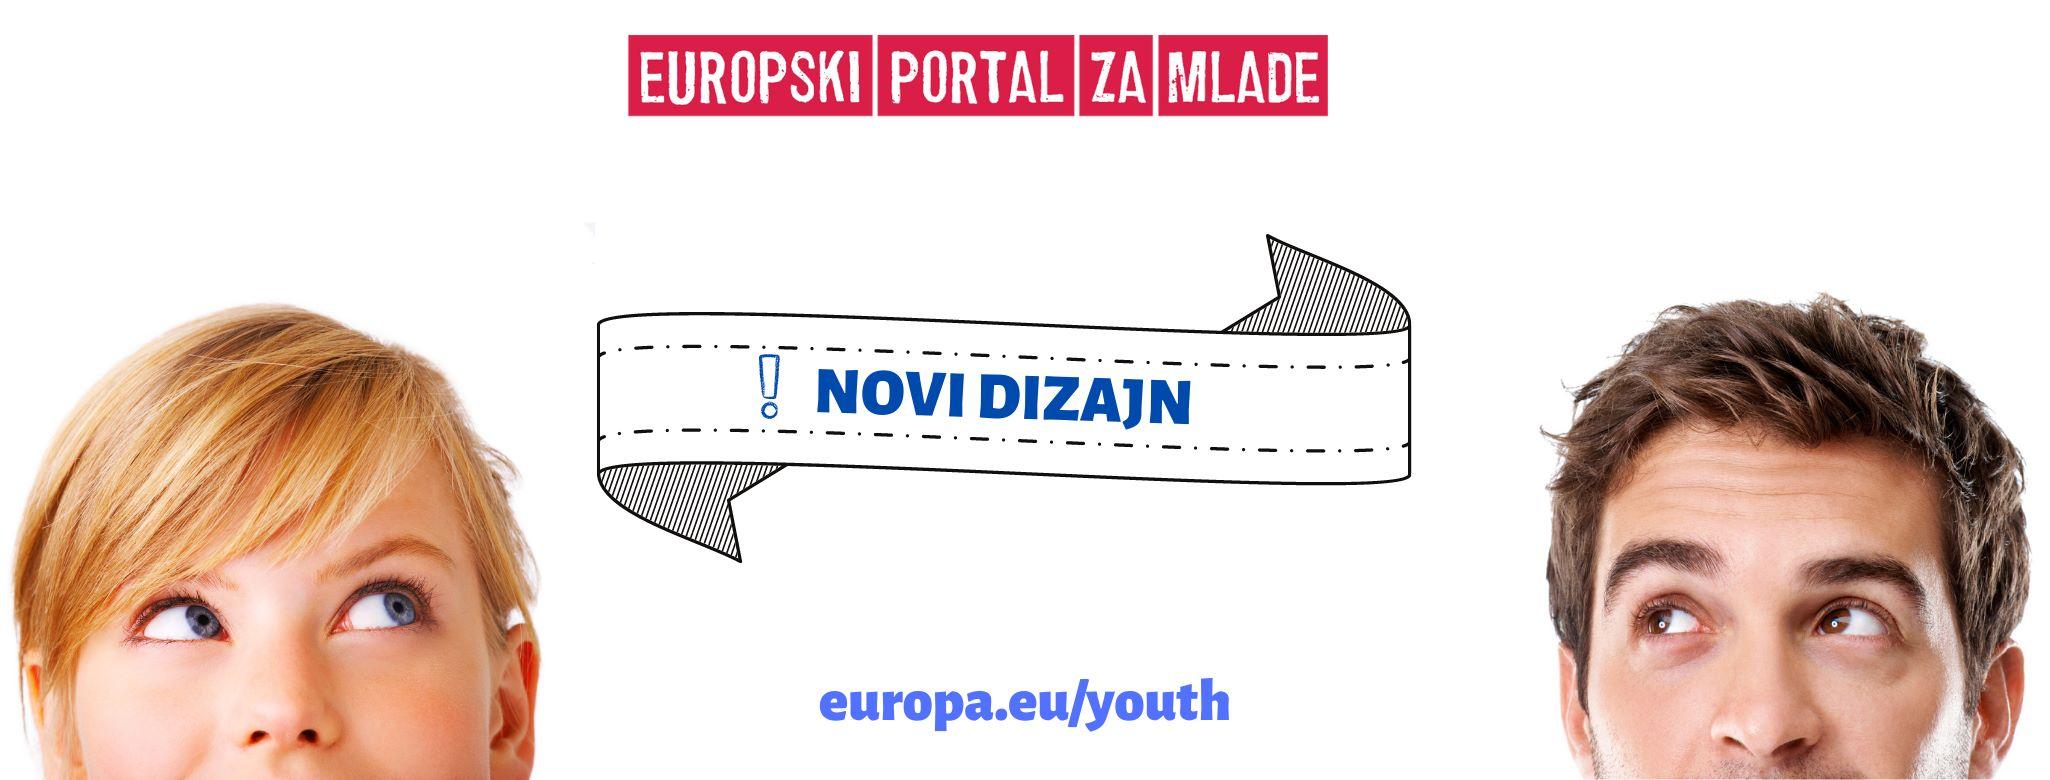 Lansiran je novi Europski portal za mlade!